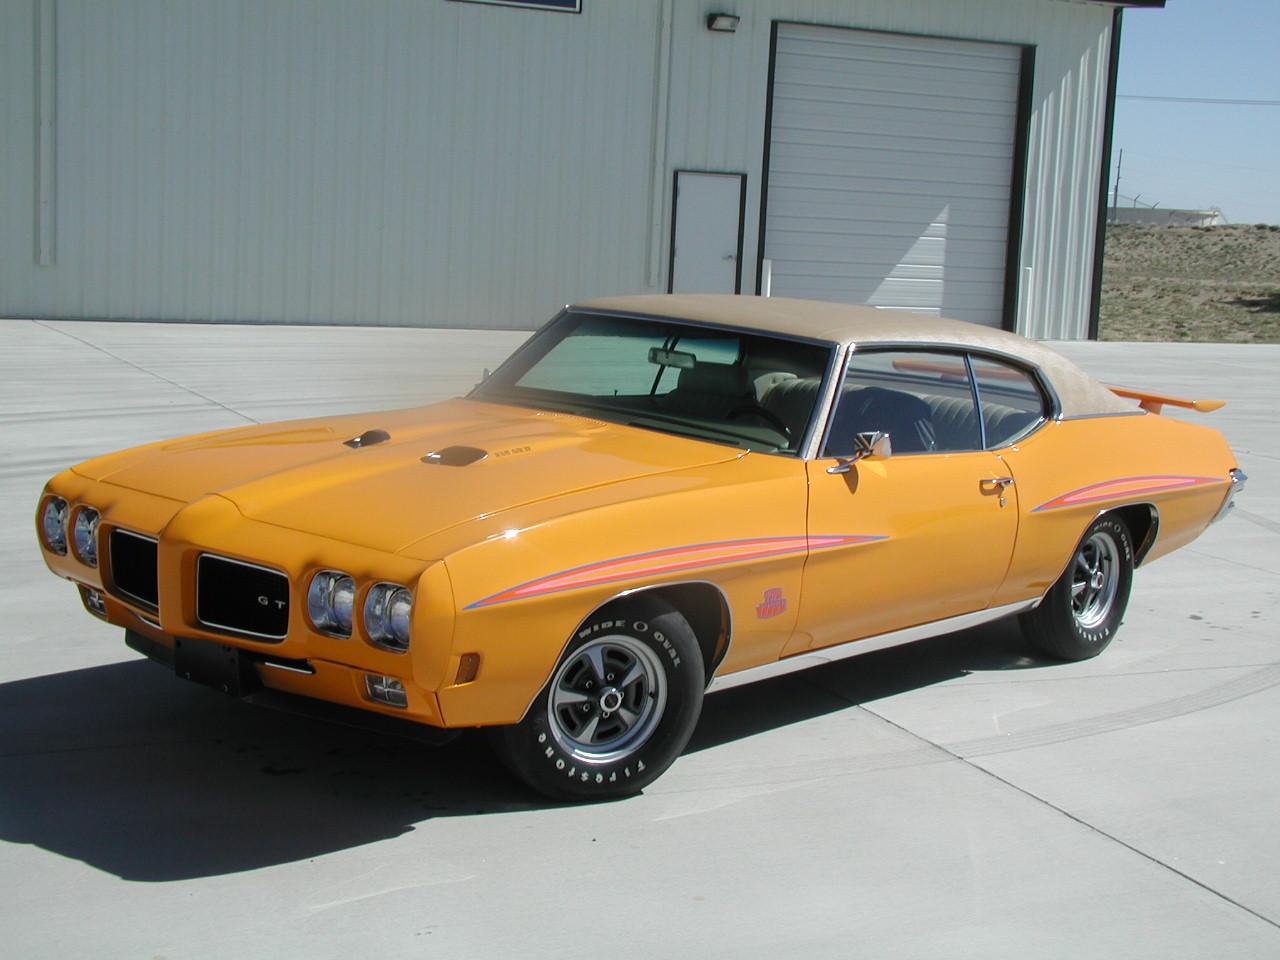 05 Pontiac Grand Prix Interior